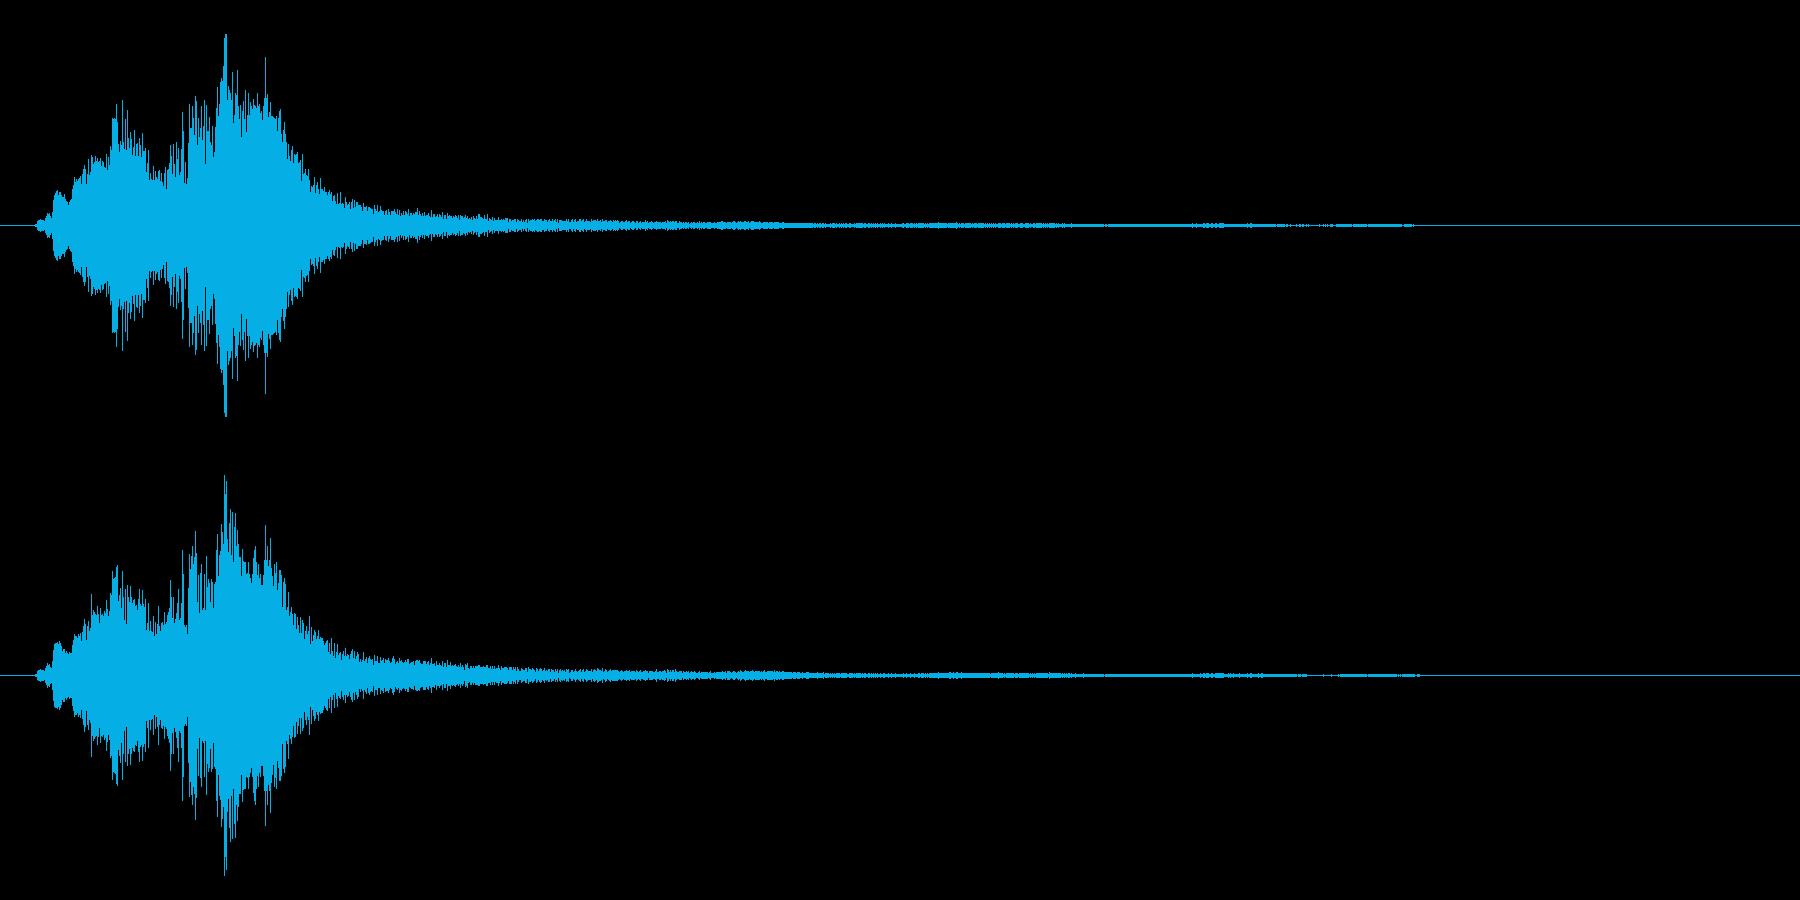 ハープグリッサンド下行1回上行1回~Ebの再生済みの波形